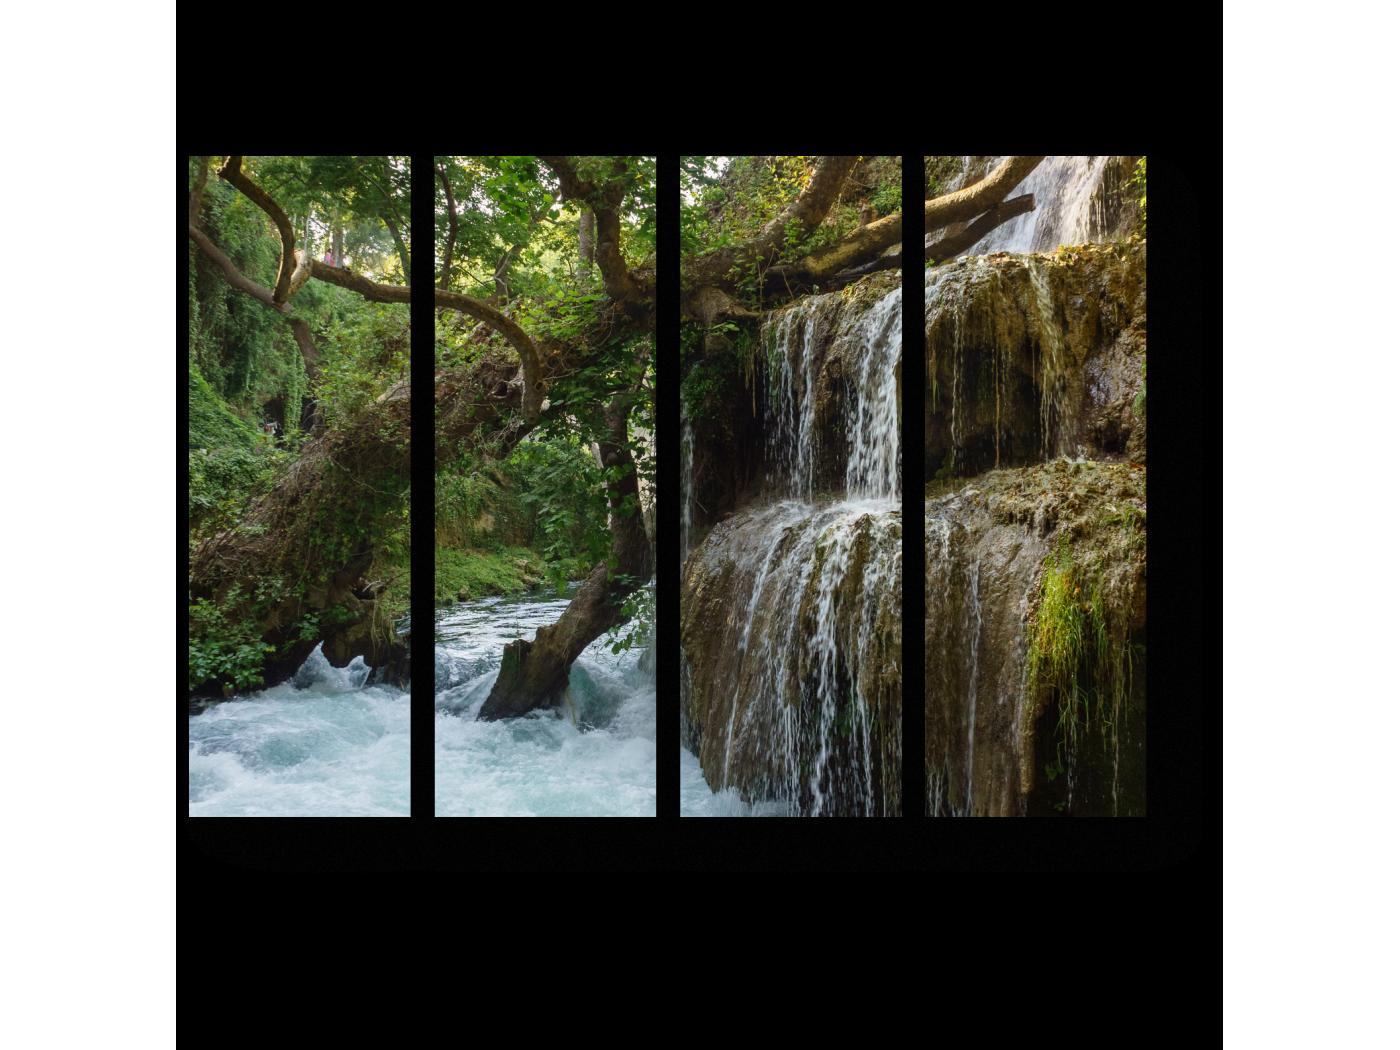 Модульная картина Водопад в лесу (60x45) фото